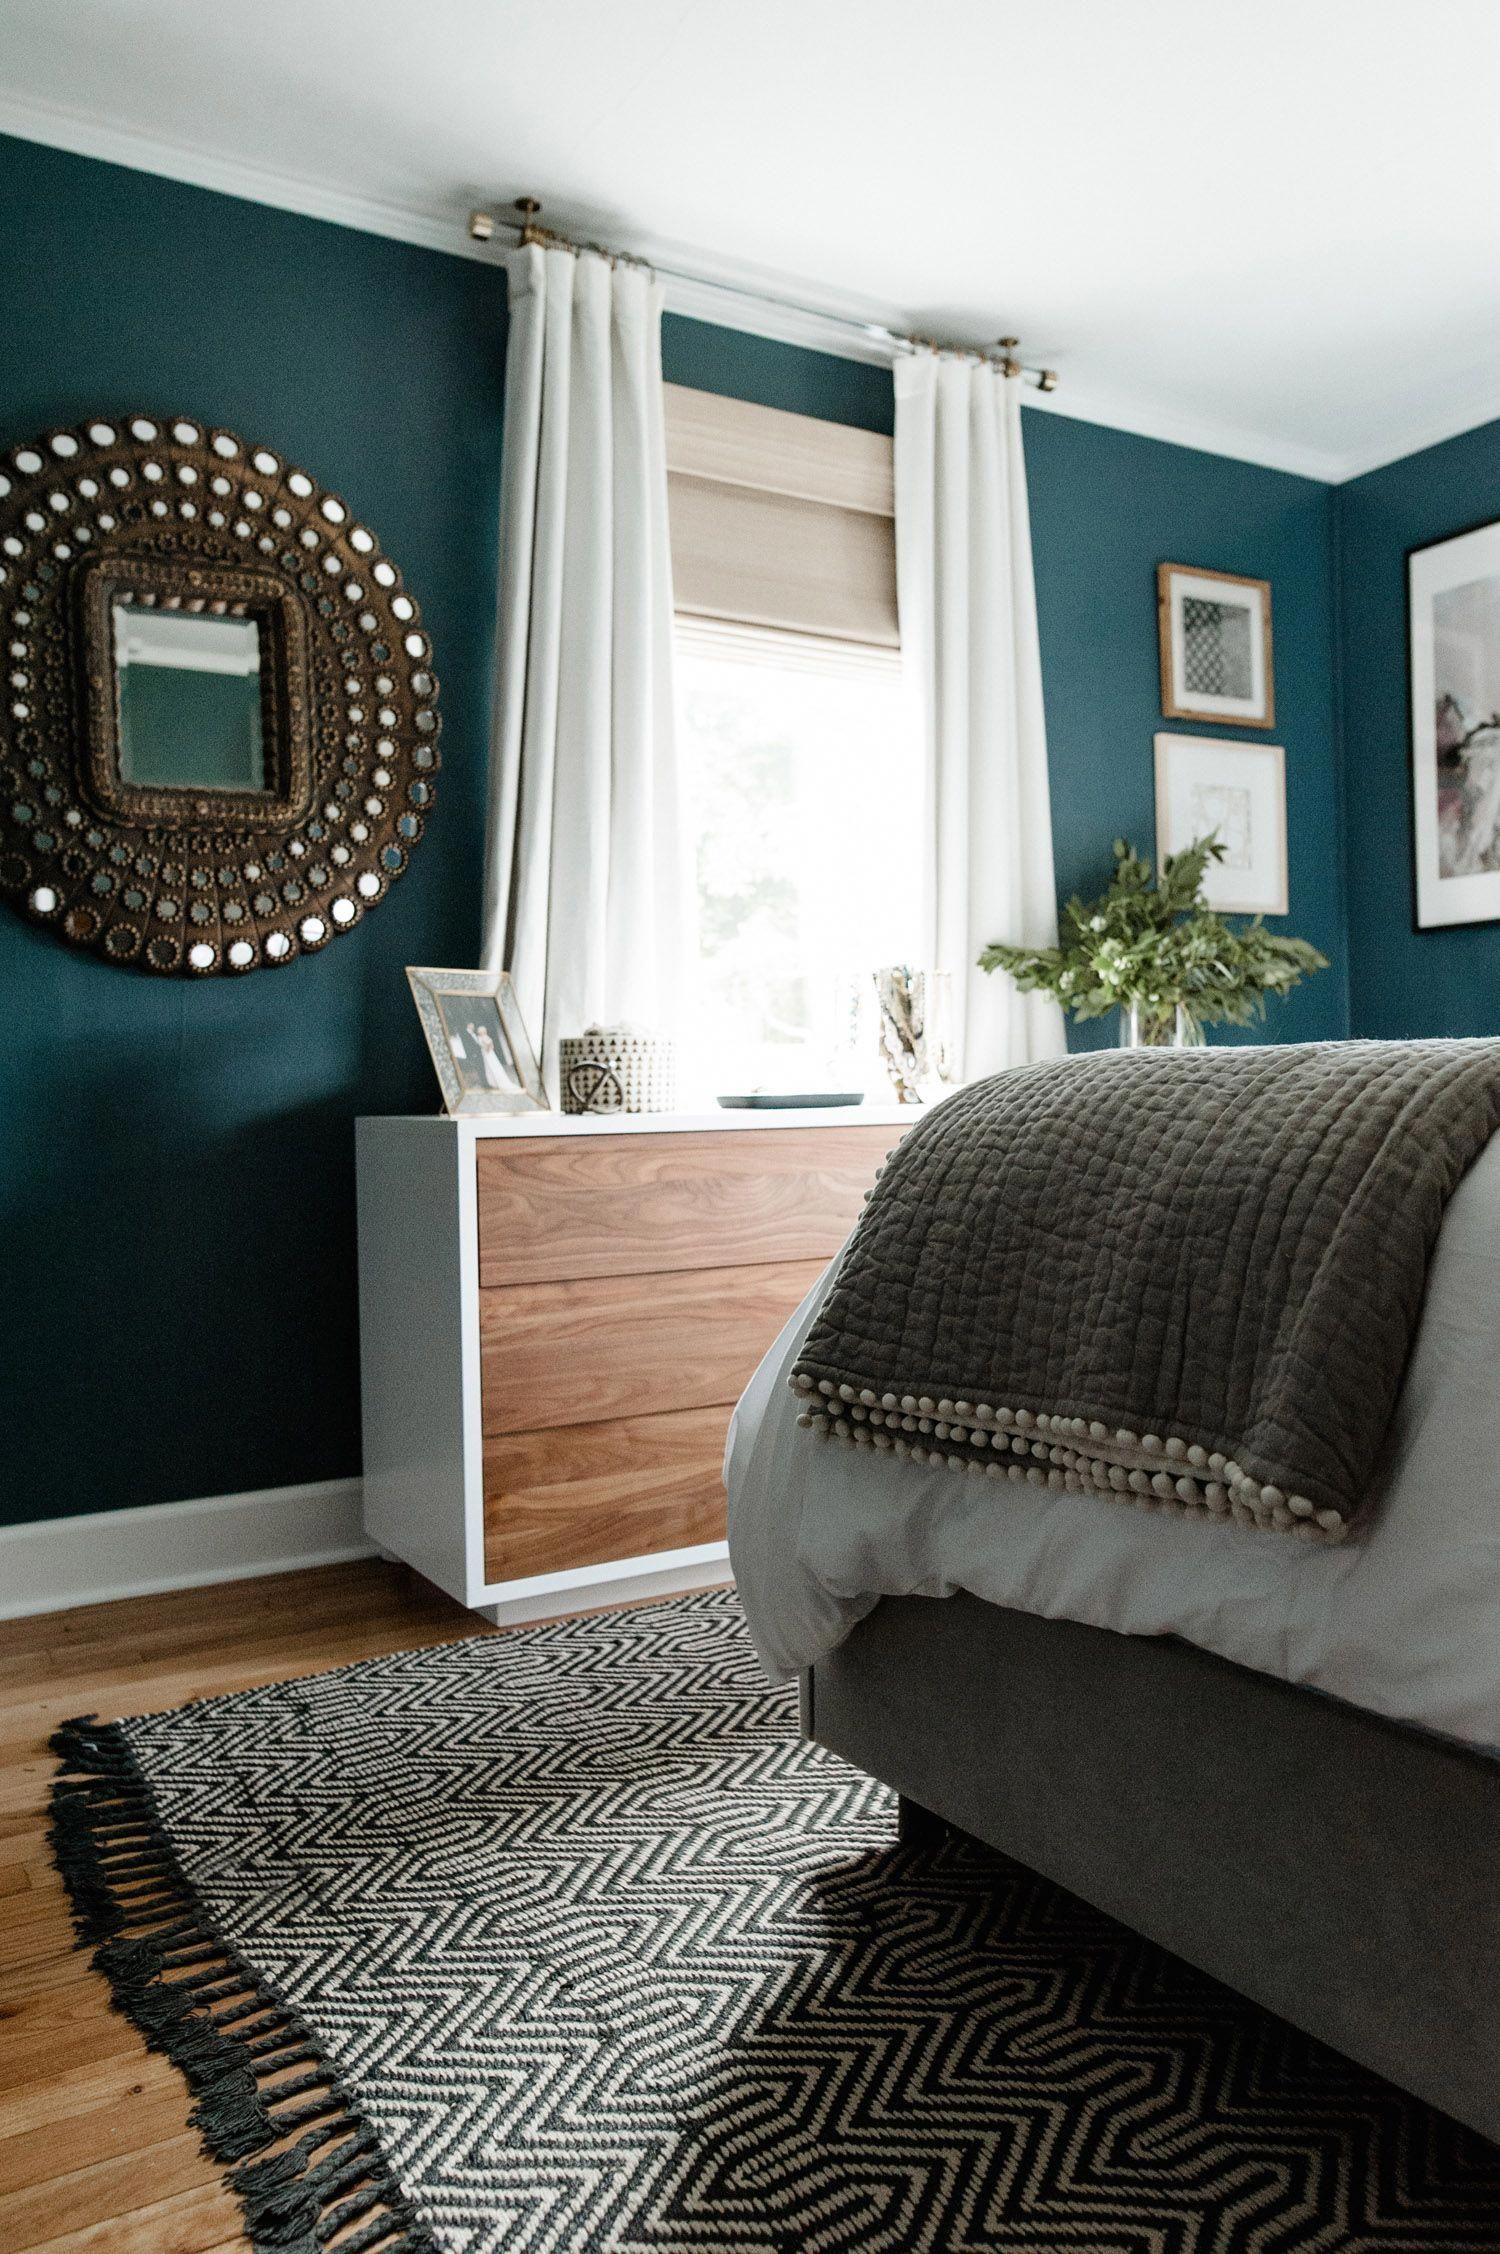 E Dificilimo O Desafio De Montar Uma Casa Do Zero Sem O Auxilio De Um Profissional Mas Tem Muita Gente Blue Master Bedroom Home Decor Bedroom Bedroom Interior